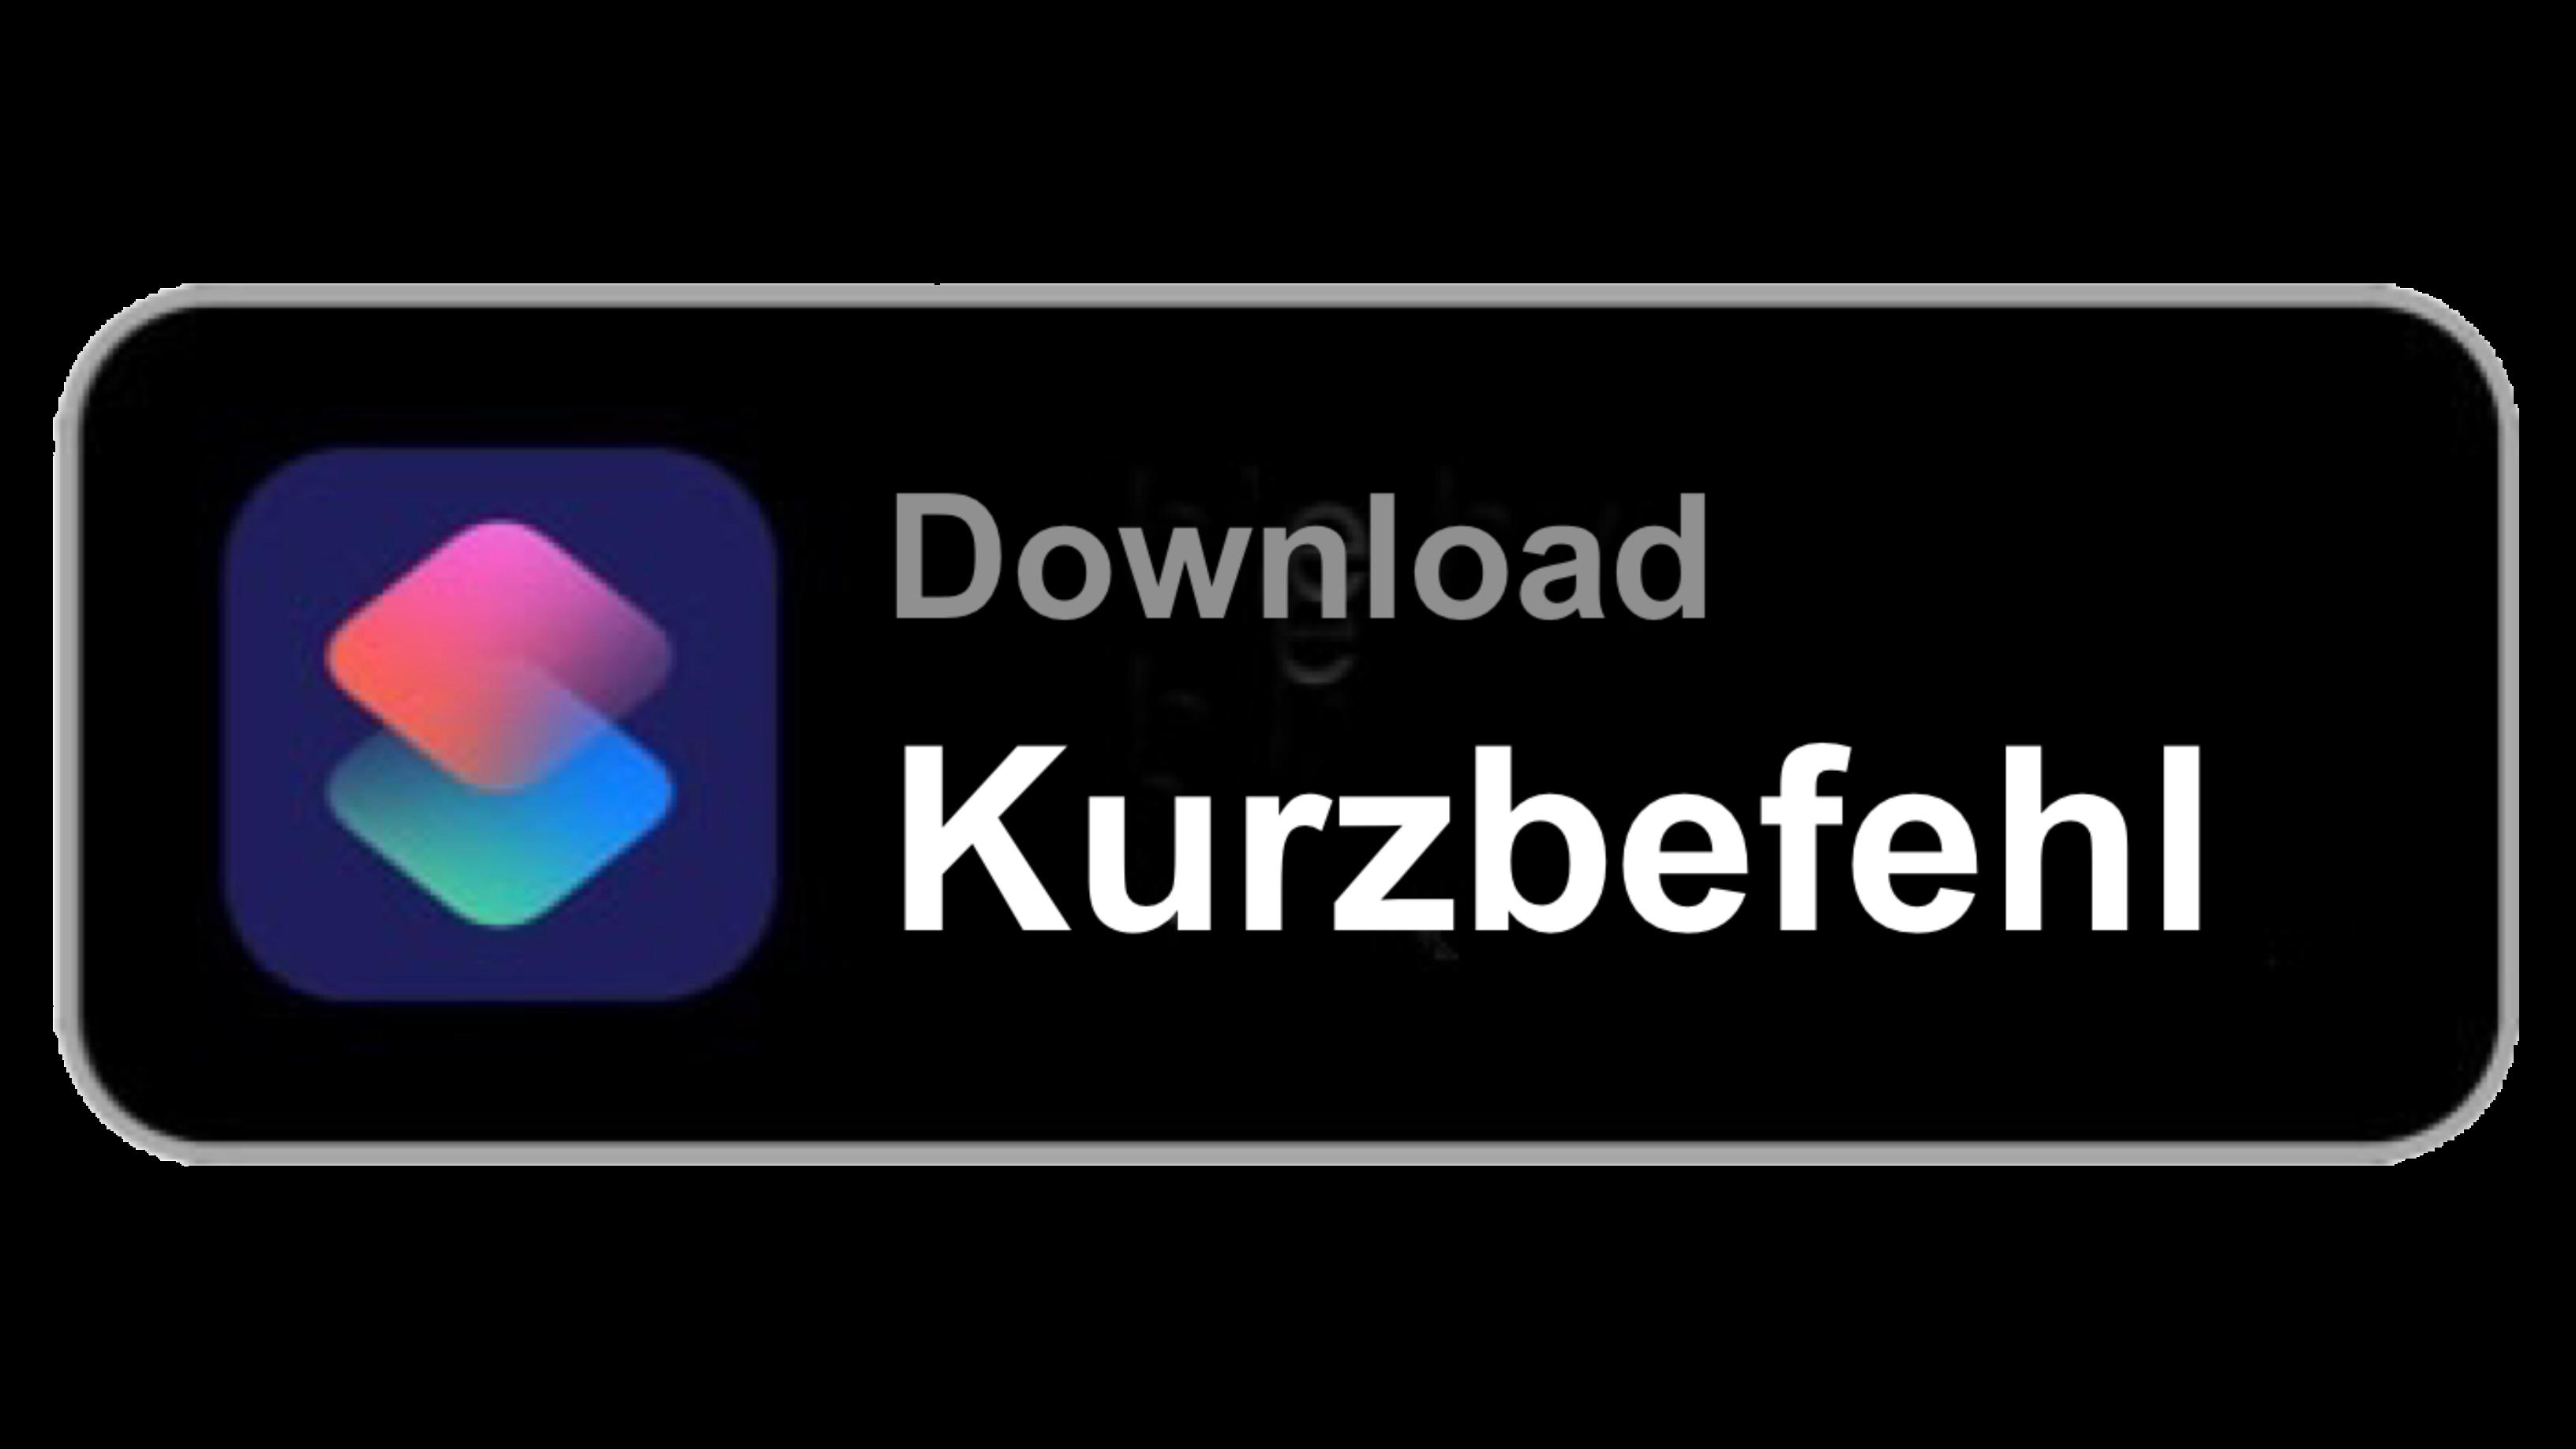 Download Kurzbefehls -  Music Timer